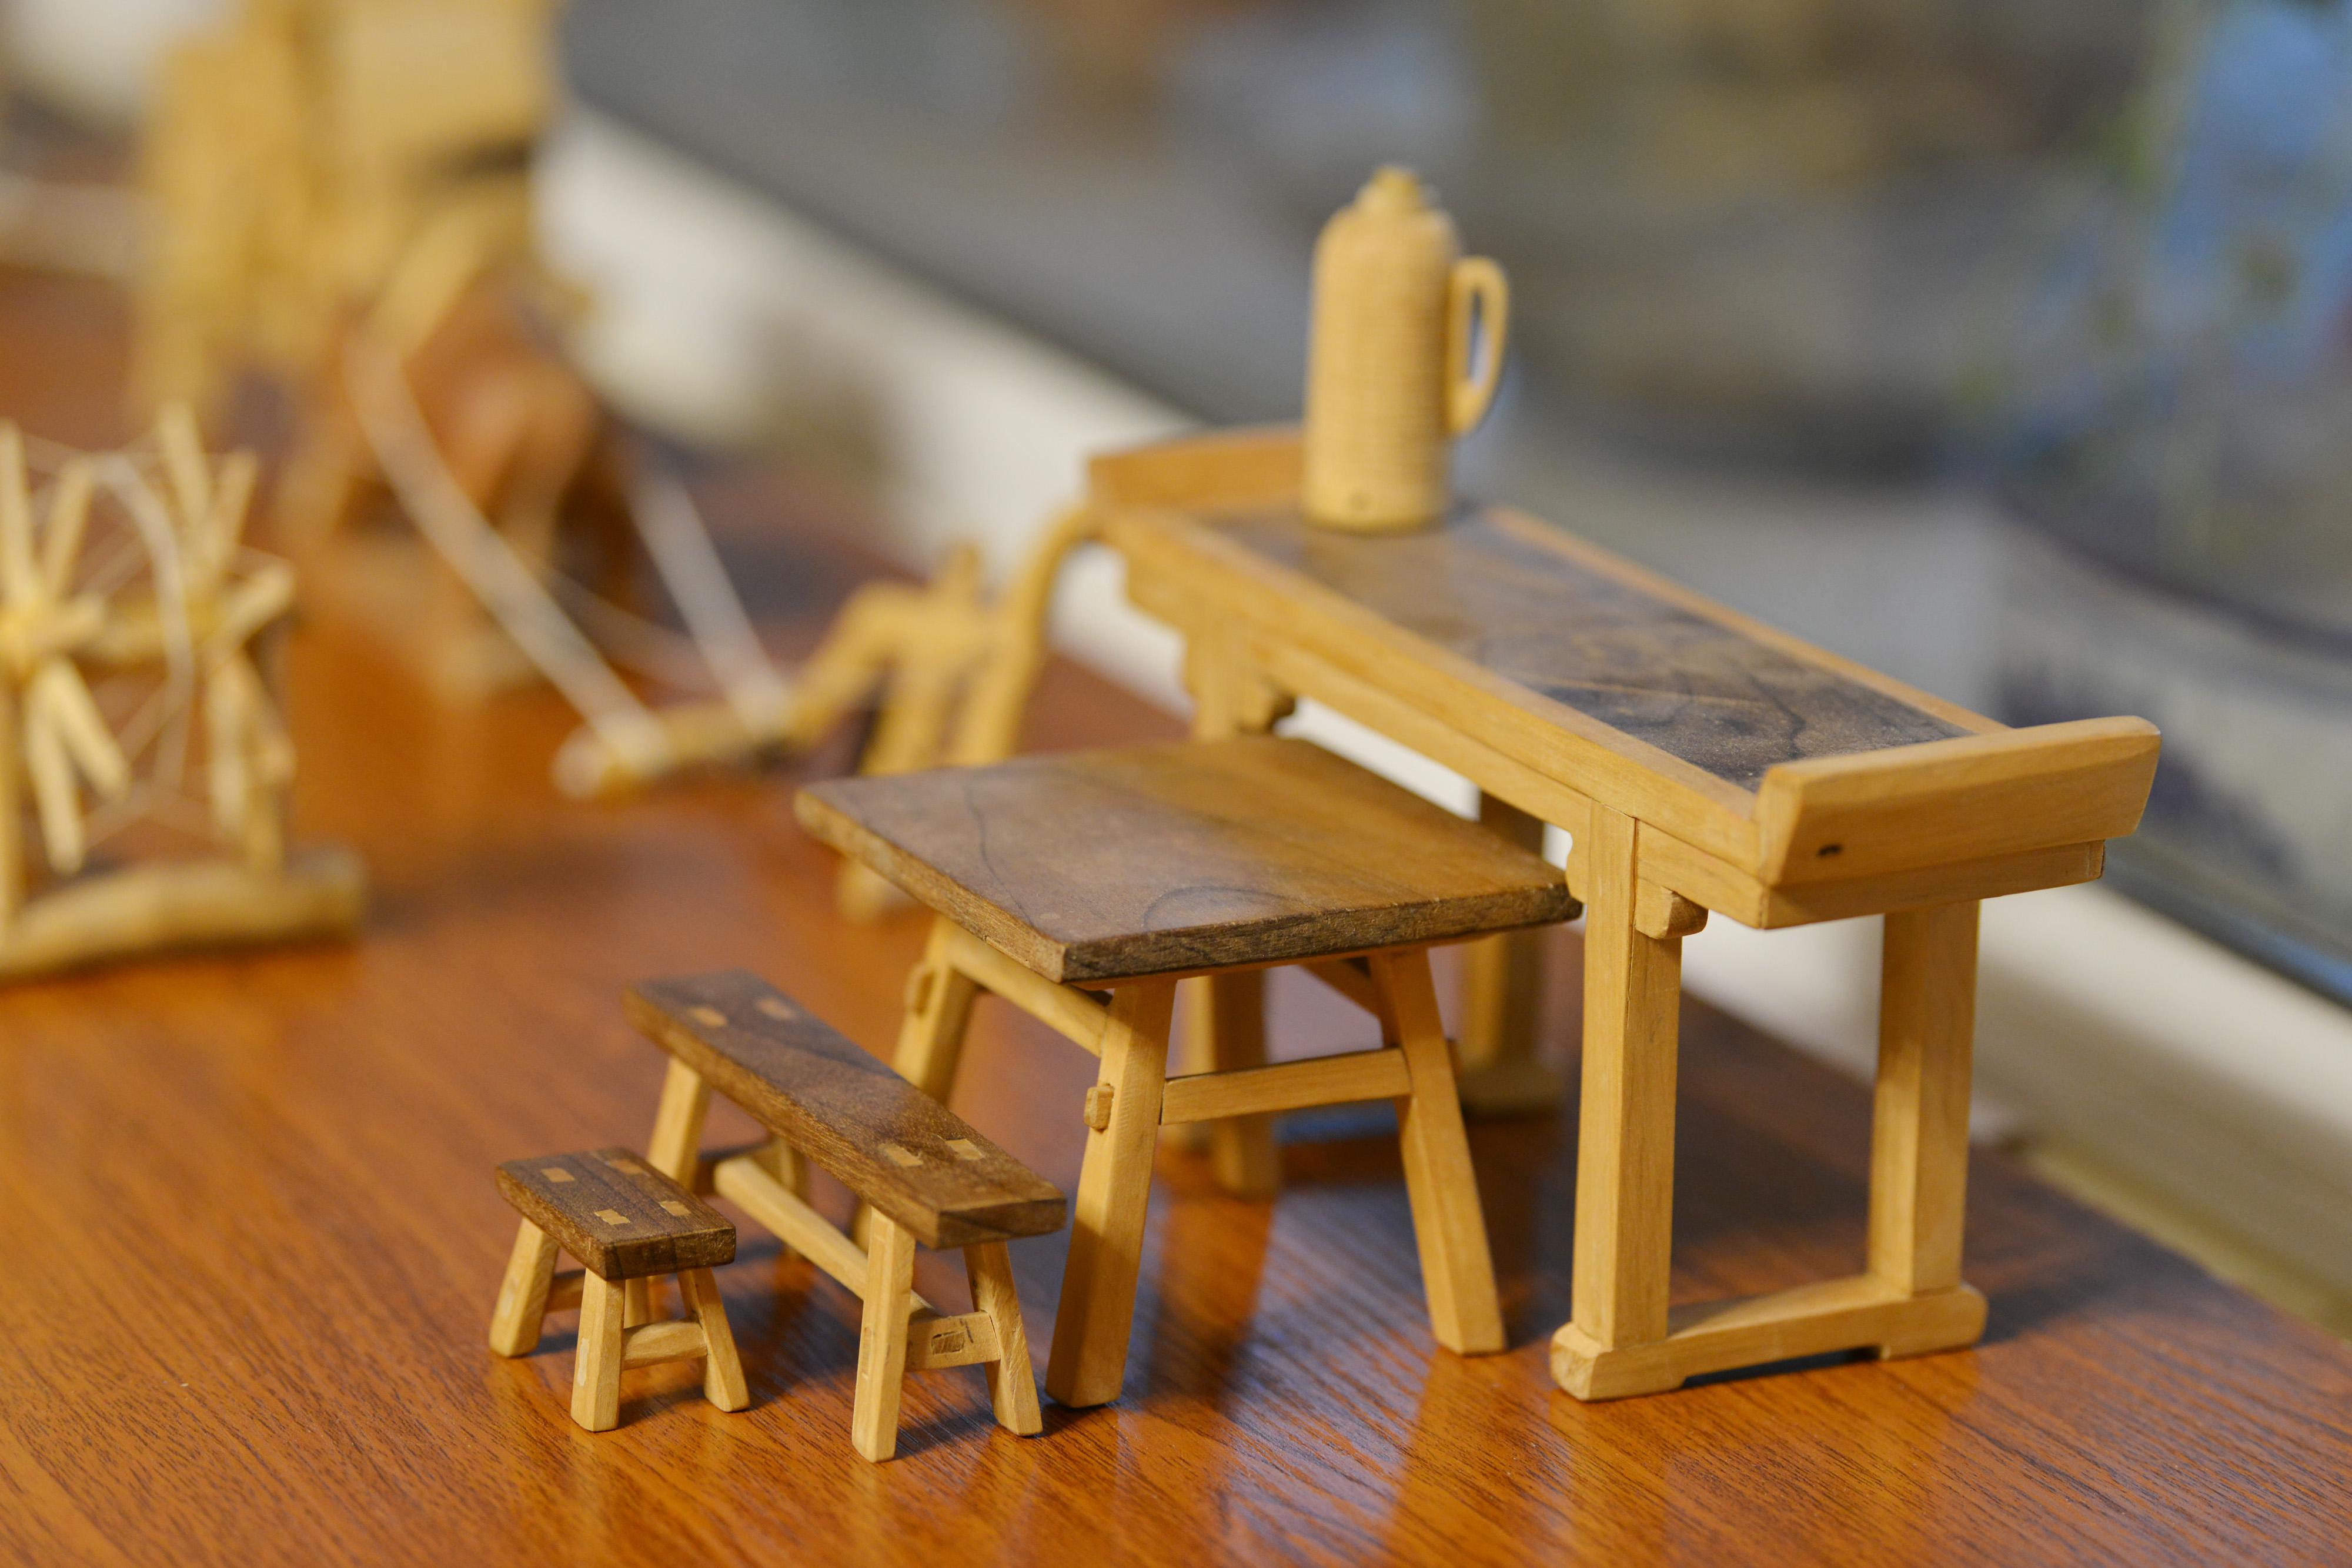 69岁老人打造微缩版老物件 榫卯结构小板凳仅拇指大